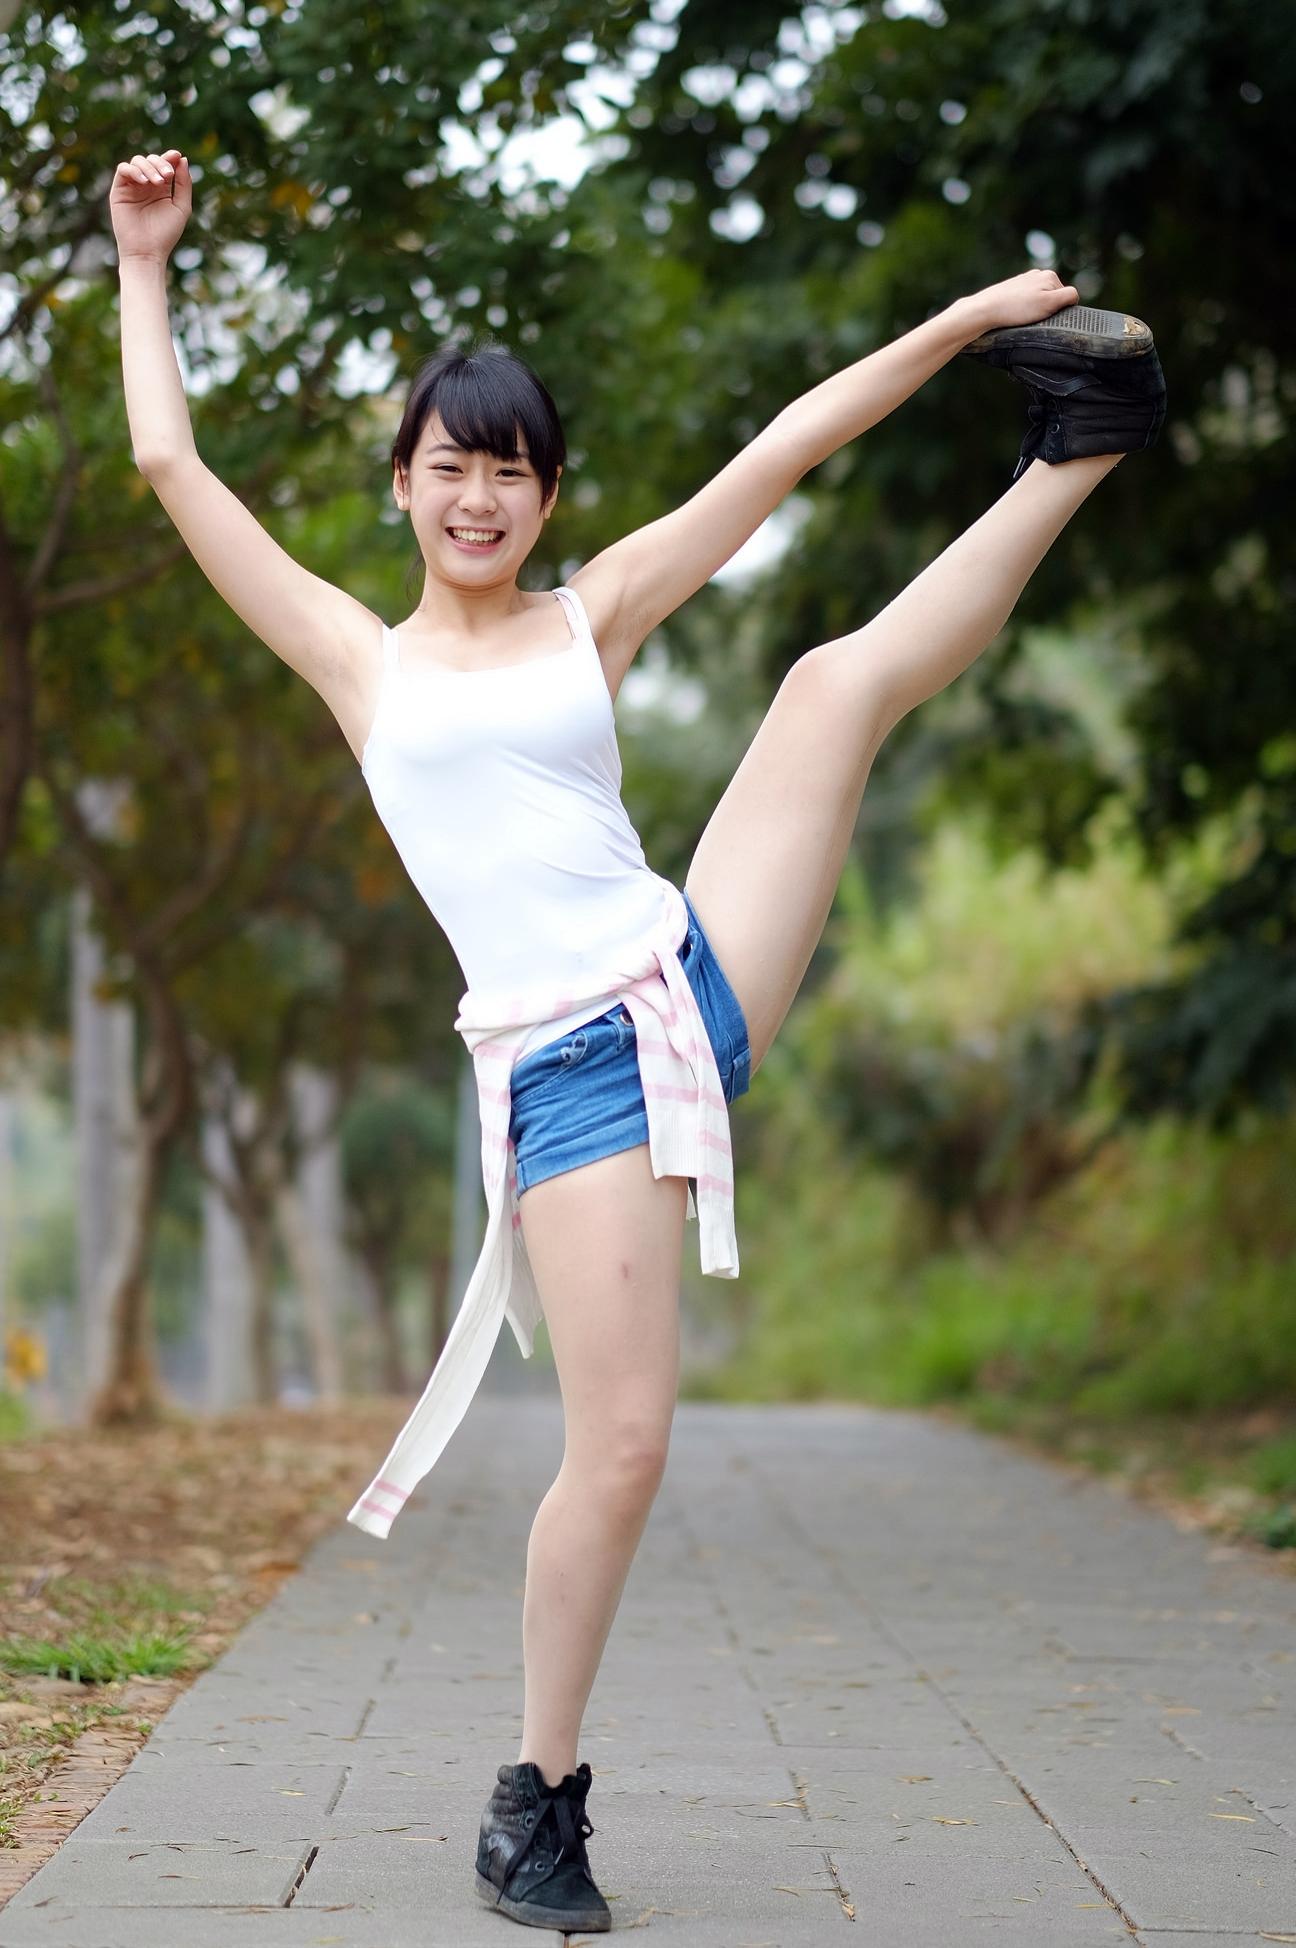 アジアン美少女のジョリ腋 (1)